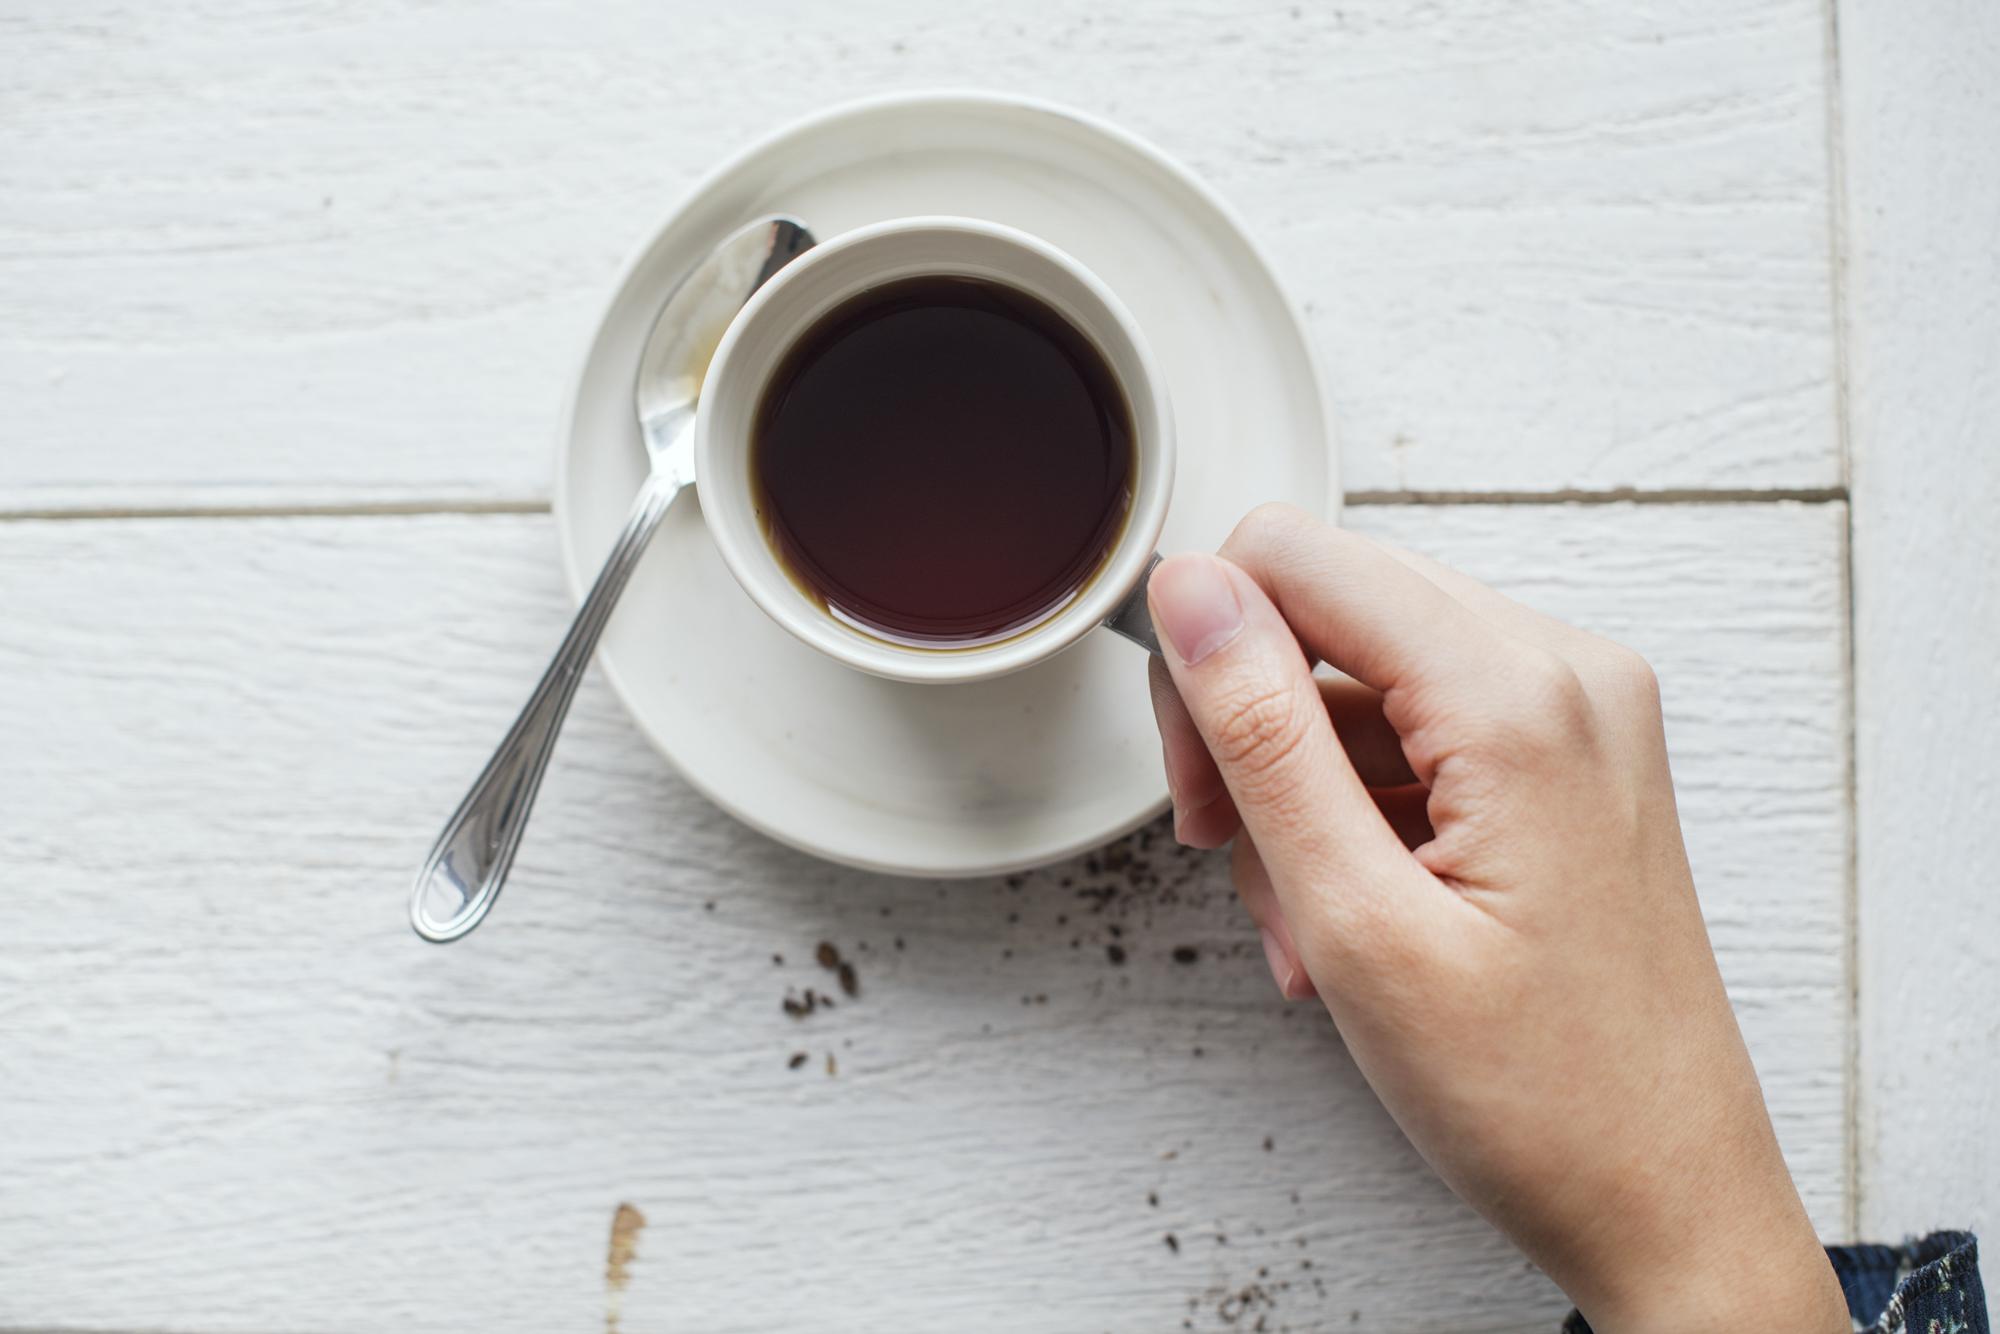 コーヒーフィルタは、ペーパーフィルタ不要の時代です